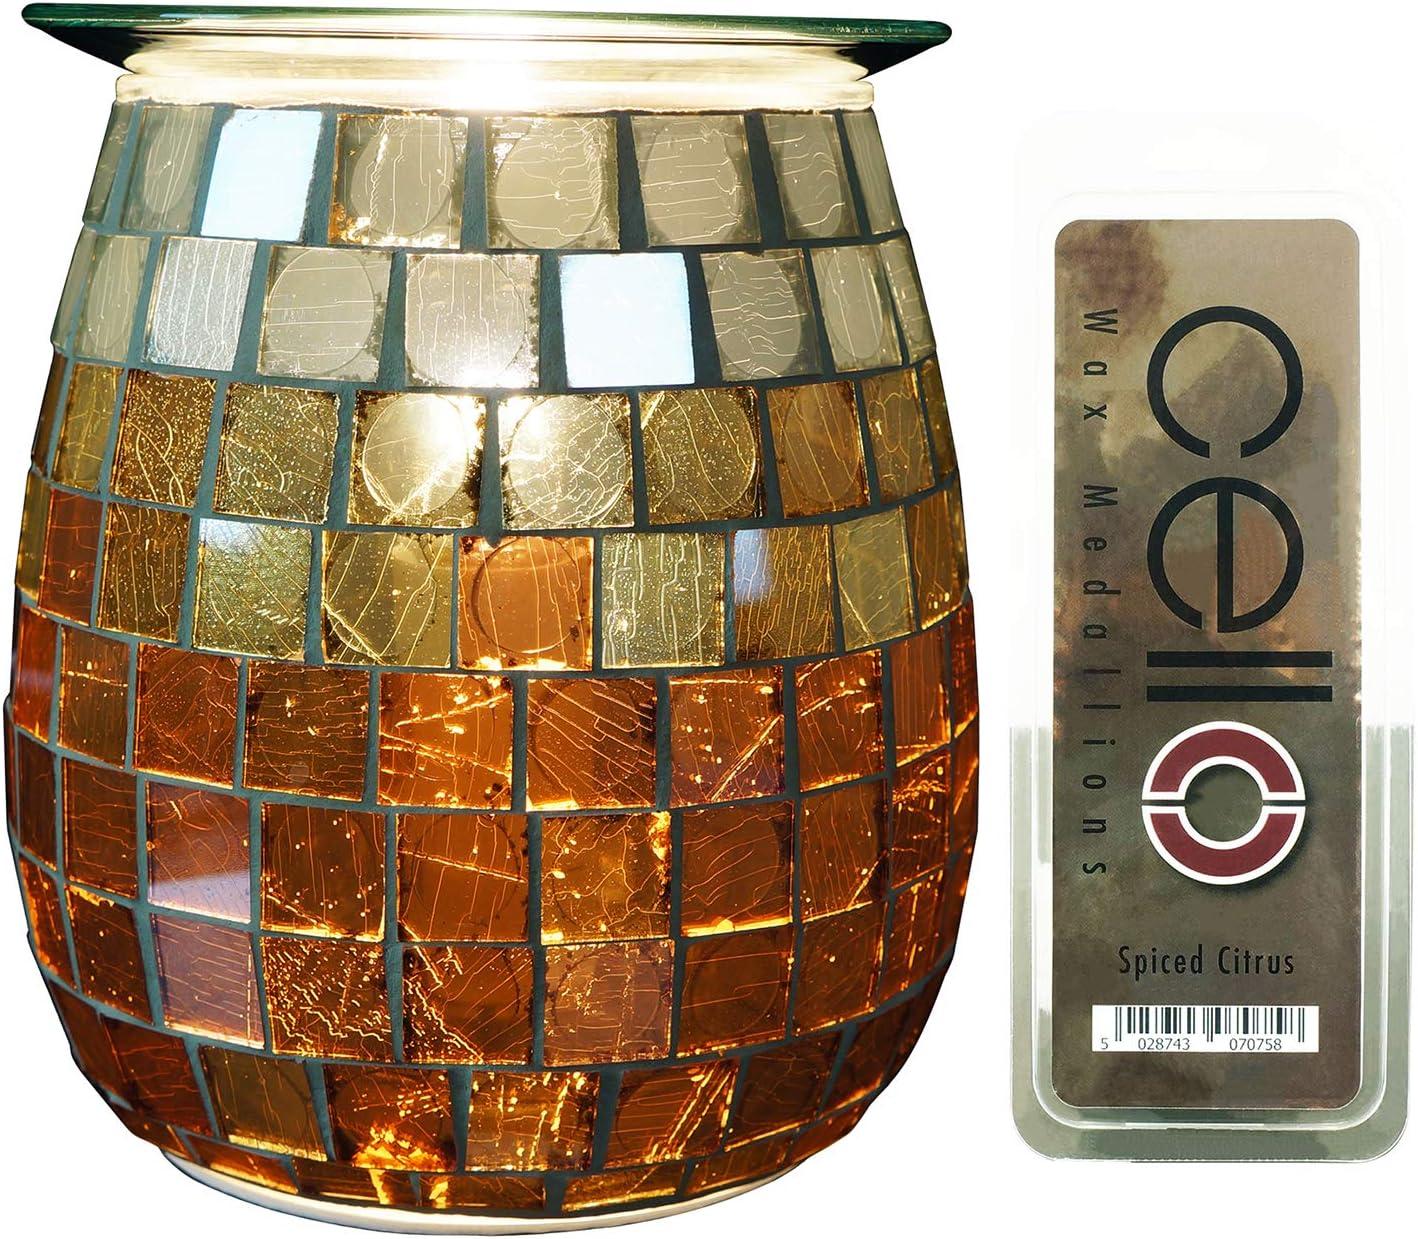 Cello Paquete de Violonchelo – Sunrise Quemador eléctrico de derretir + medallón de cítricos especiados – Seguro para Usar con Mascotas y niños